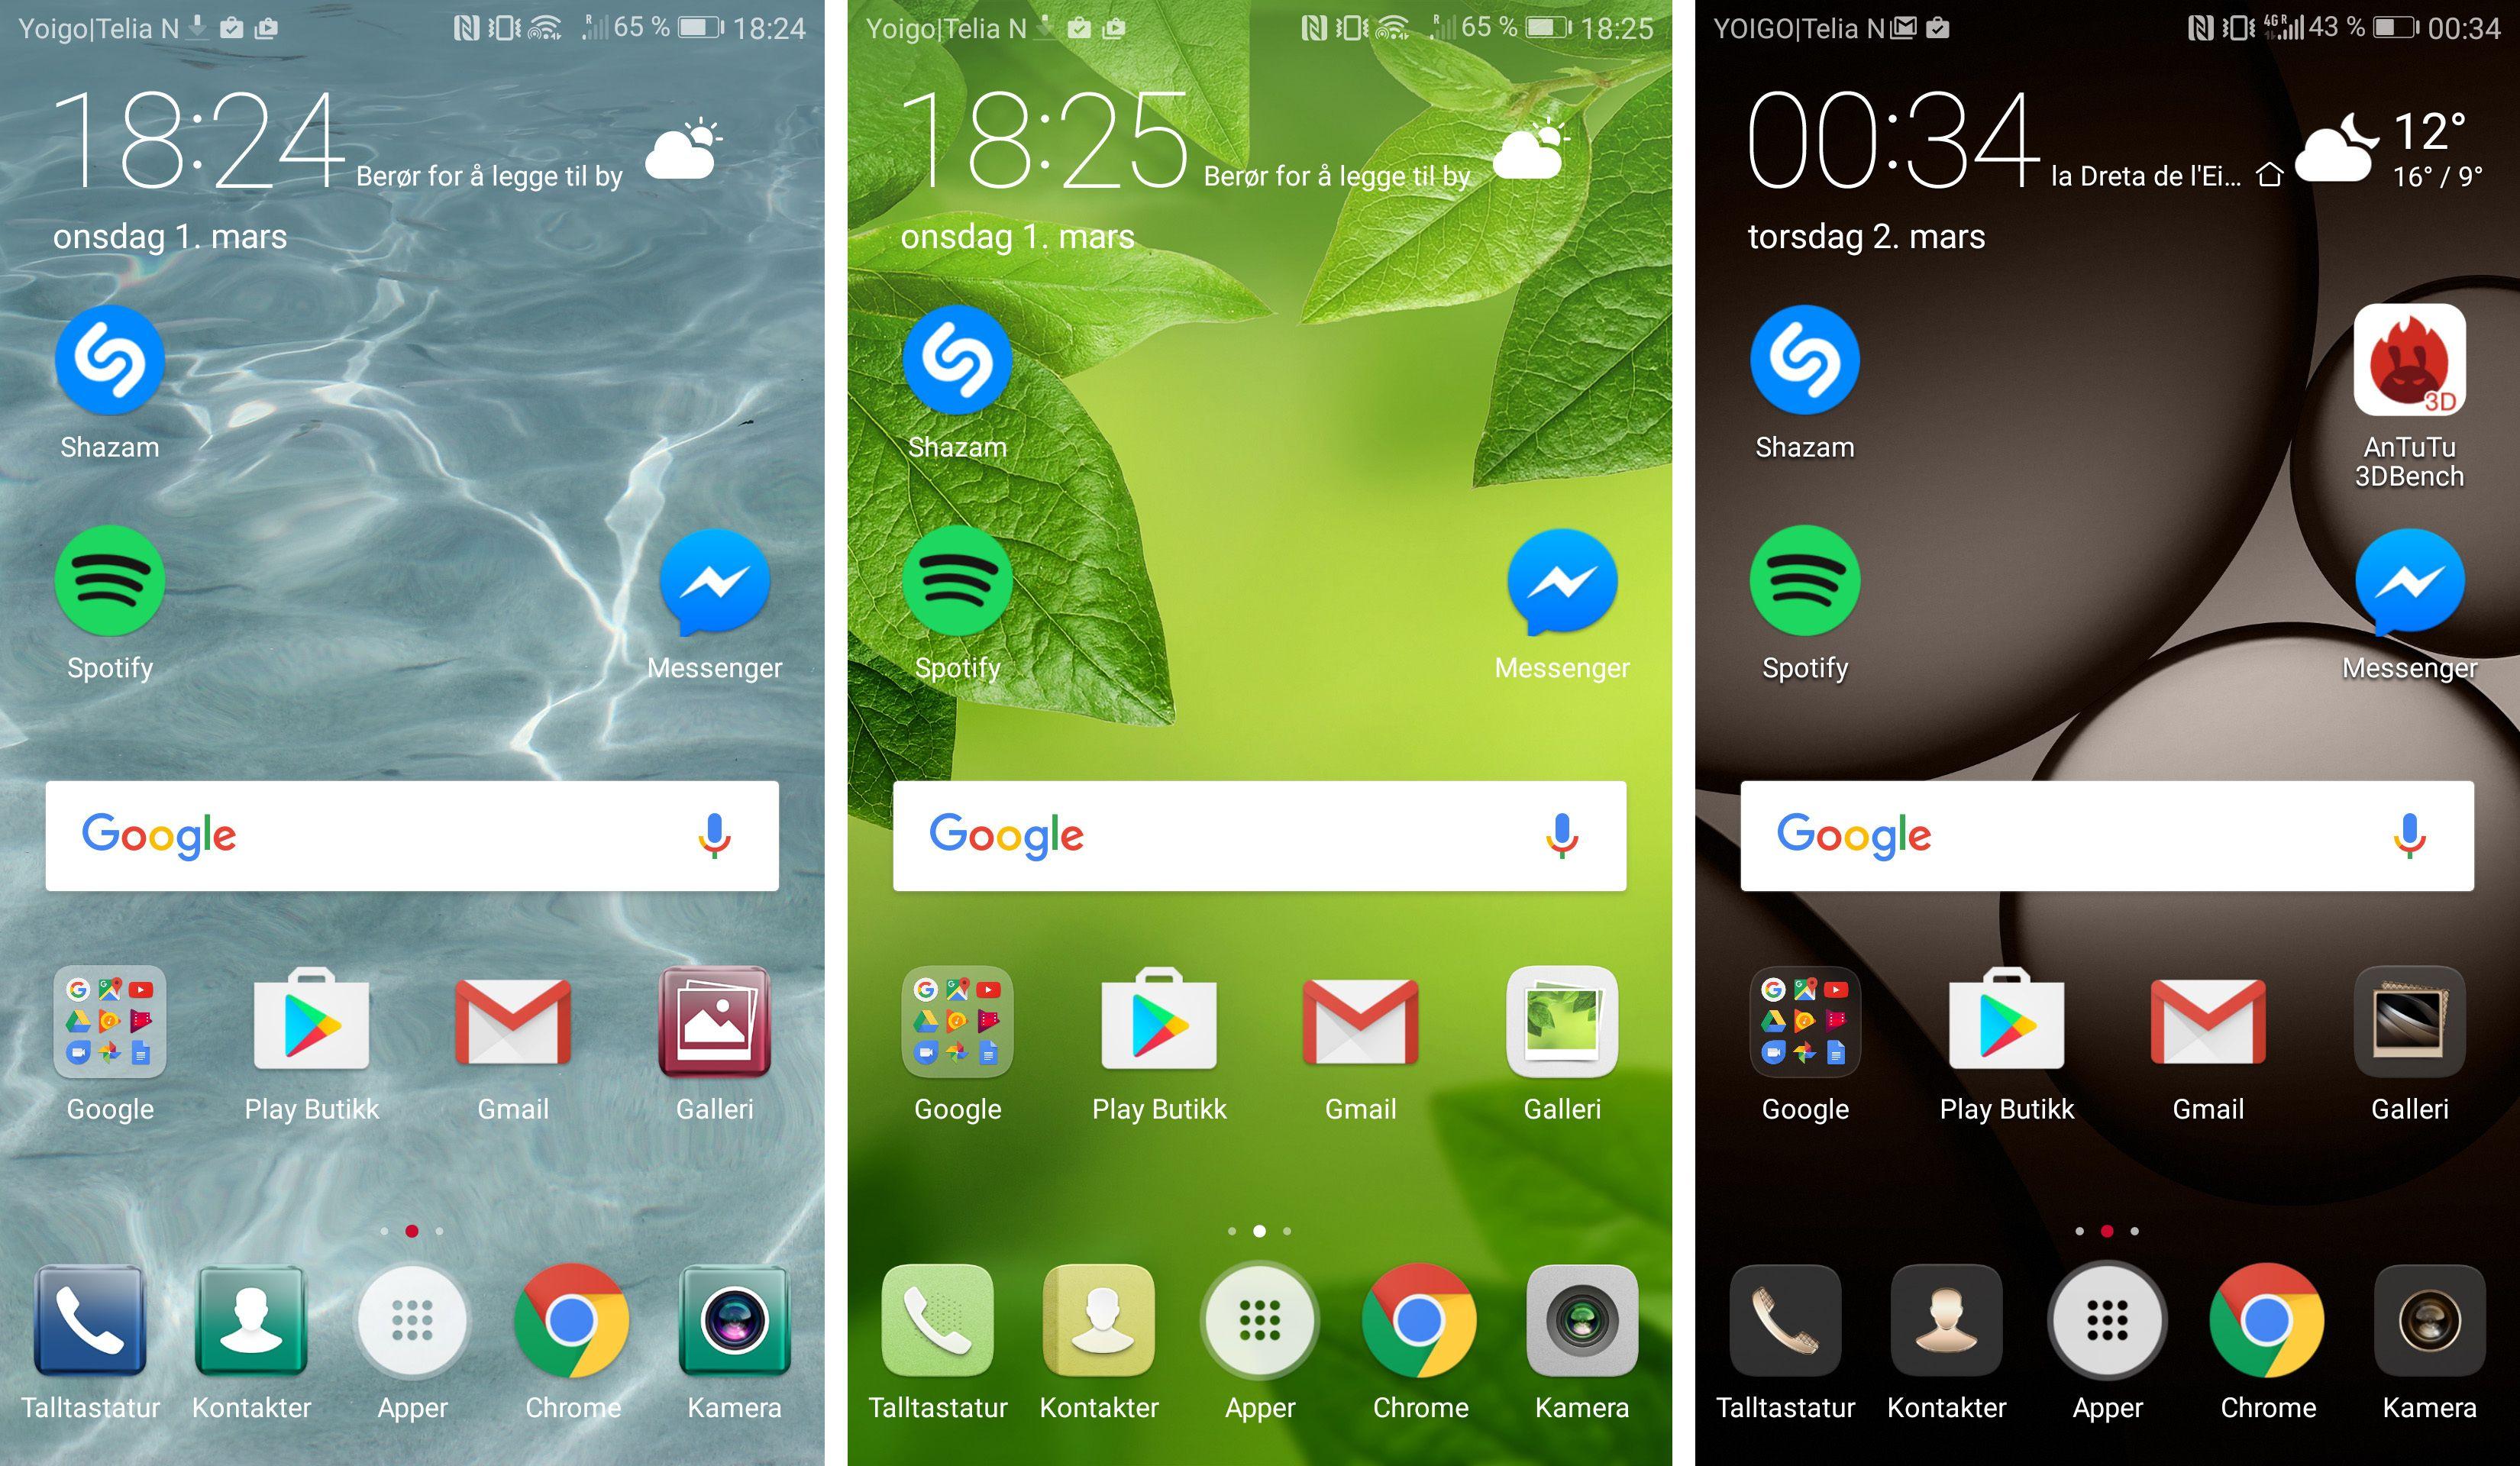 Huawei virker å ha forvalgt tema etter farge på telefonen. Den sølvgrå varianten jeg har testet ble levert med temaet lengst til venstre. Antakeligvis ett av de styggeste jeg har sett. Heldigvis er det mange fine å velge mellom.